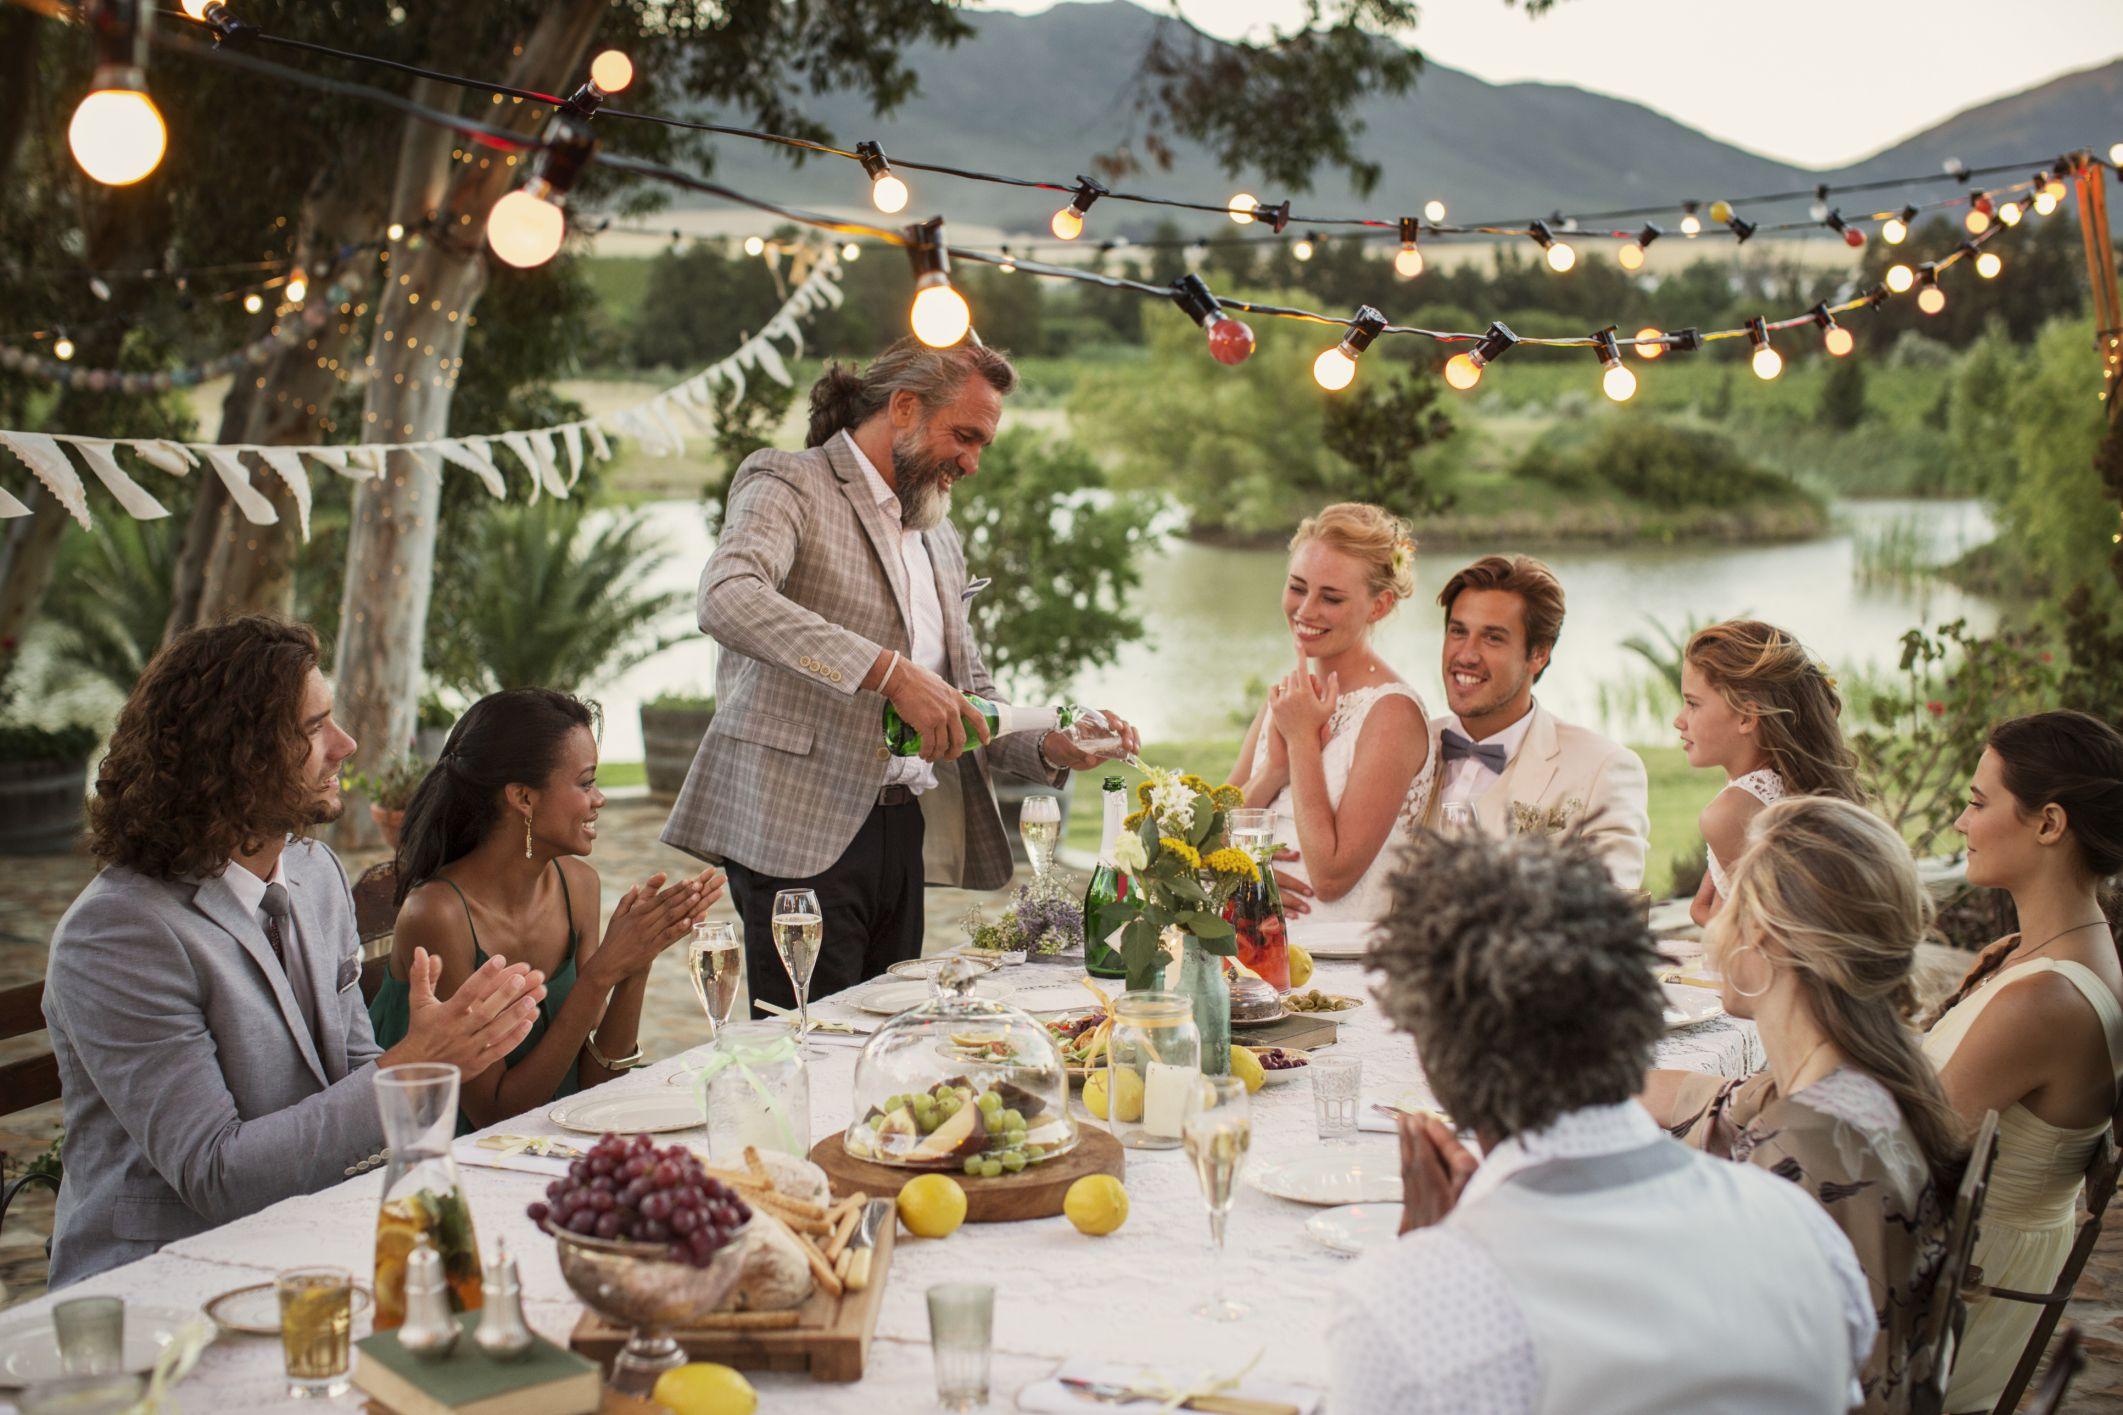 chọn thức ăn phục vụ tại bàn cho lễ cưới mùa covid-19